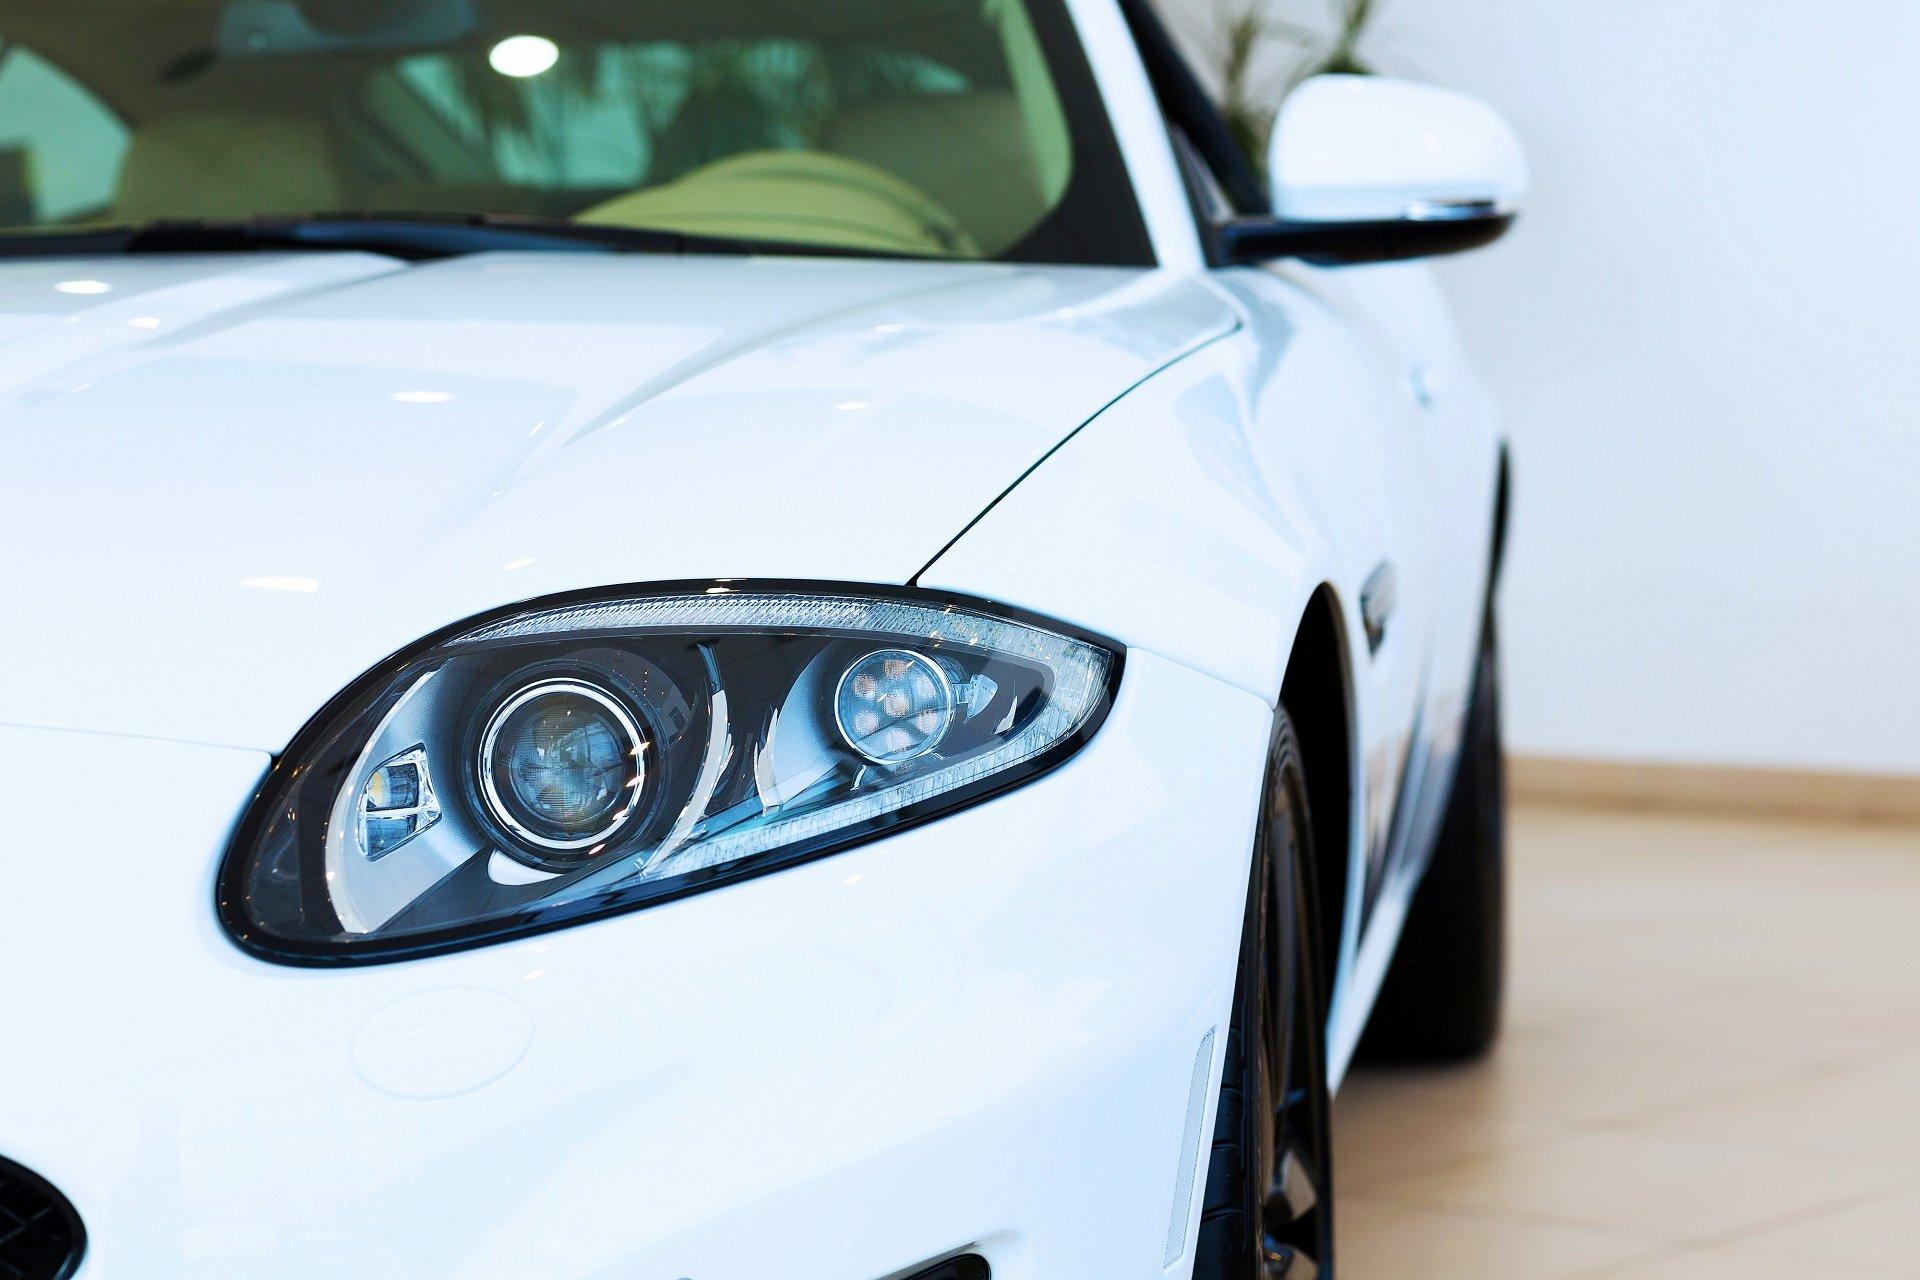 Neplaťte zbytečně za pojištění vozu. Jak získat nejlevnější povinné ručení na trhu? - anotační obrázek